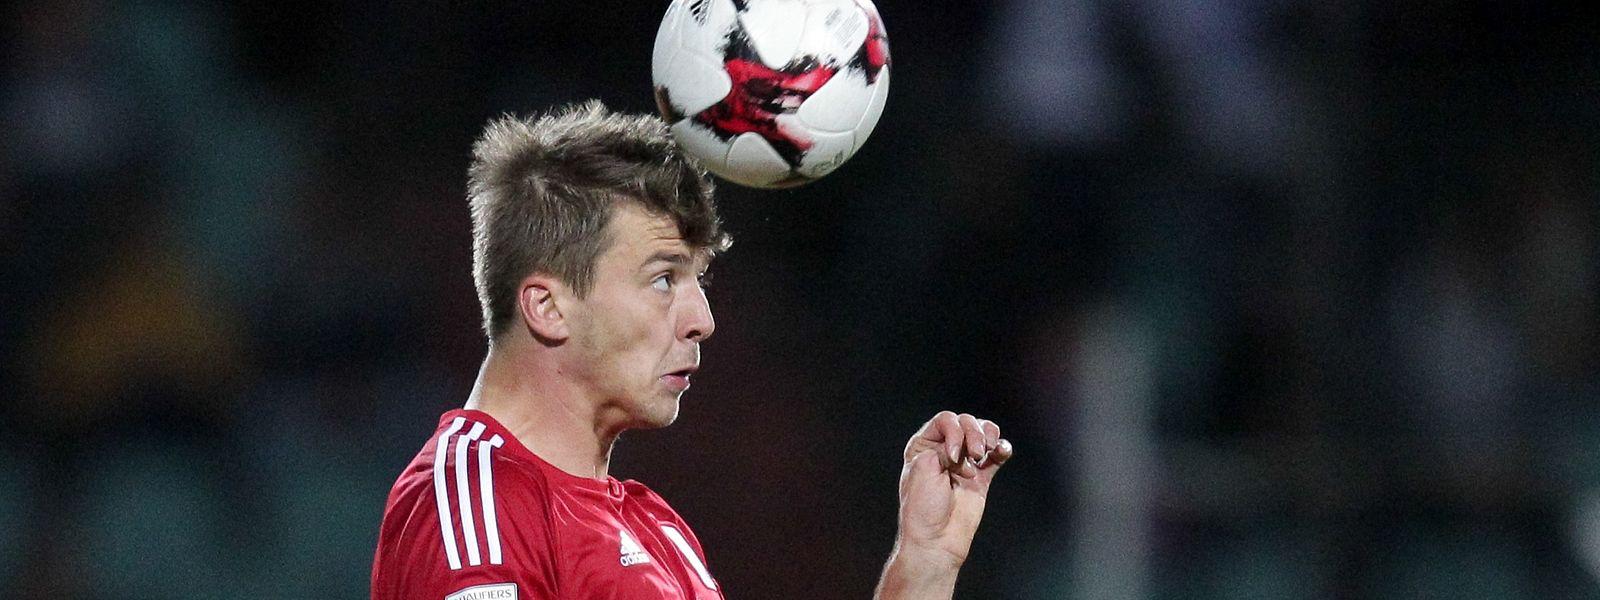 Maurice Deville steht noch beim 1. FC Kaiserslautern unter Vertrag.